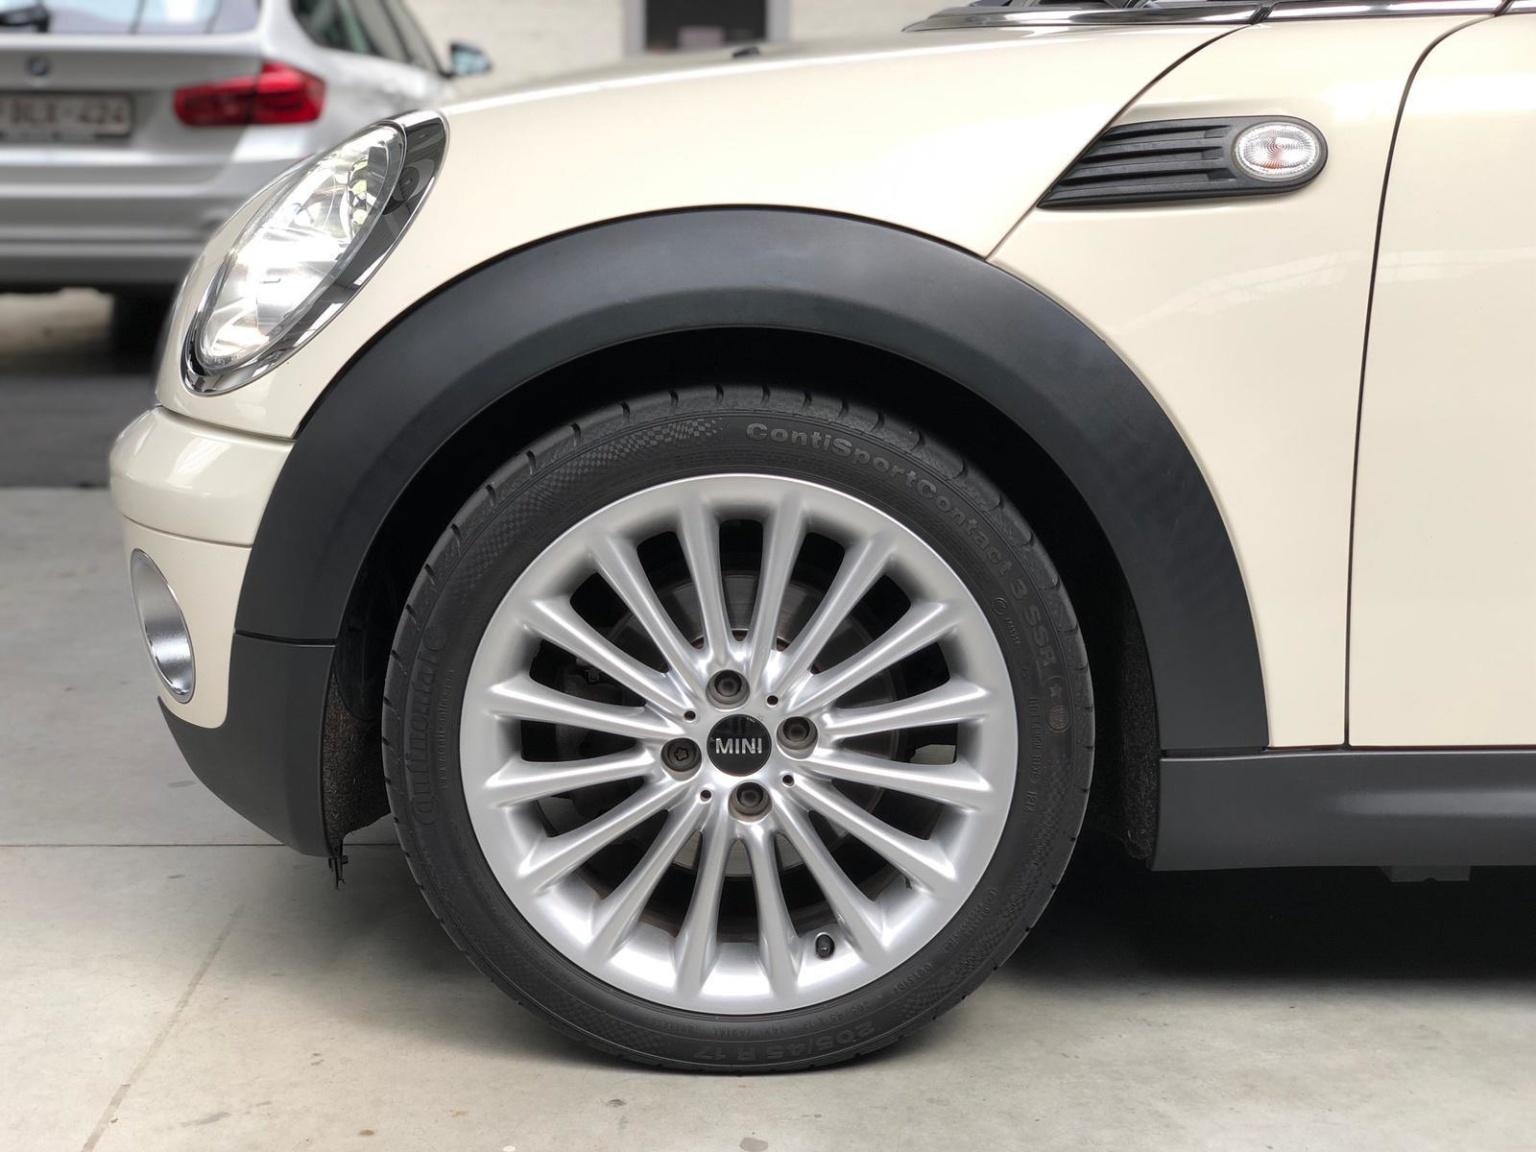 MINI-Mini-9